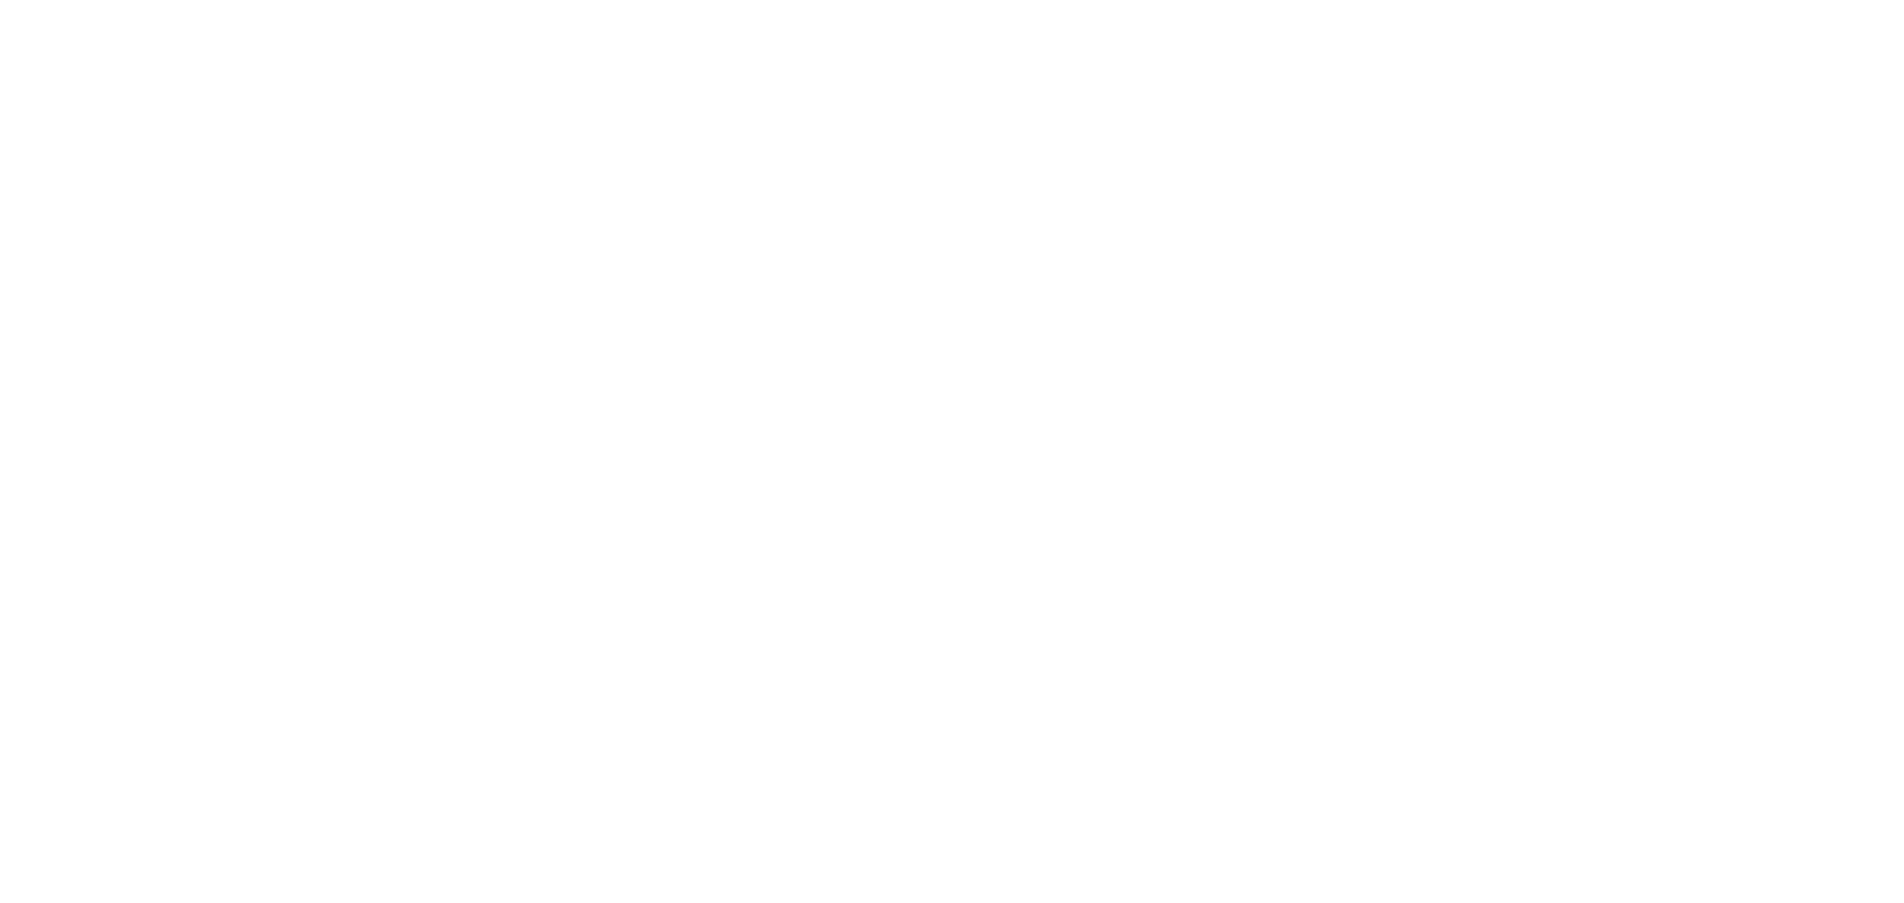 רקע שקוף